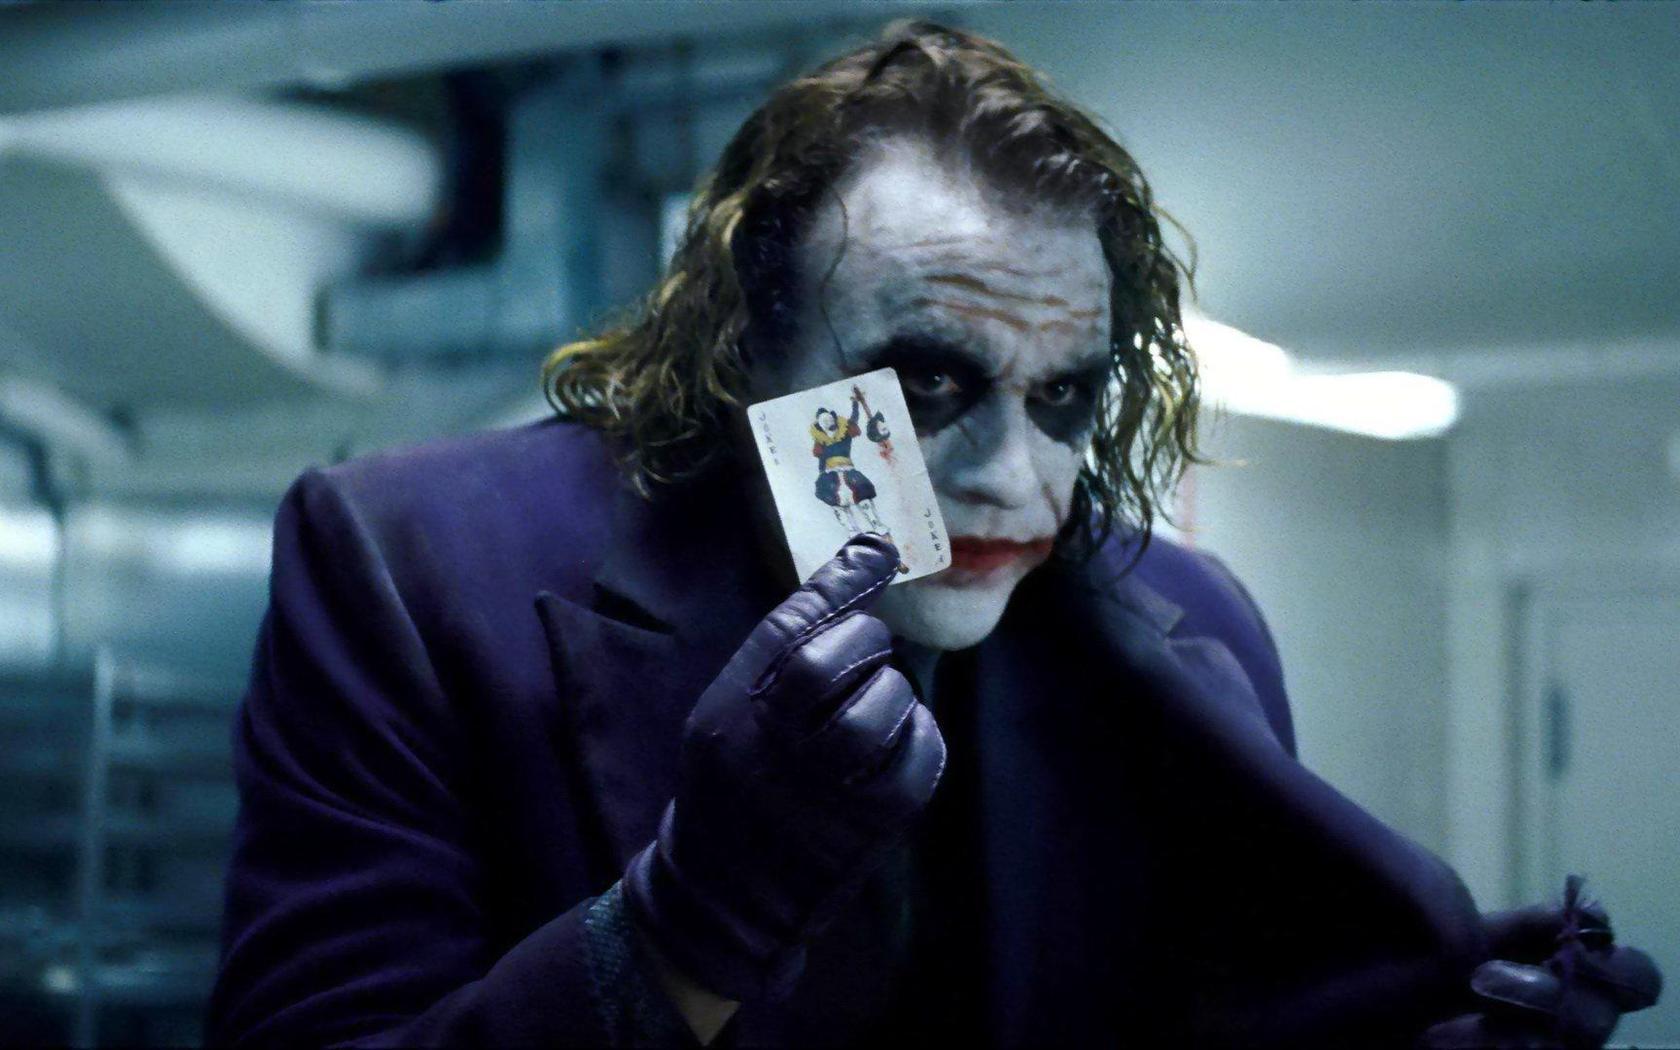 22121 Hintergrundbild herunterladen Kino, Menschen, Schauspieler, Joker - Bildschirmschoner und Bilder kostenlos